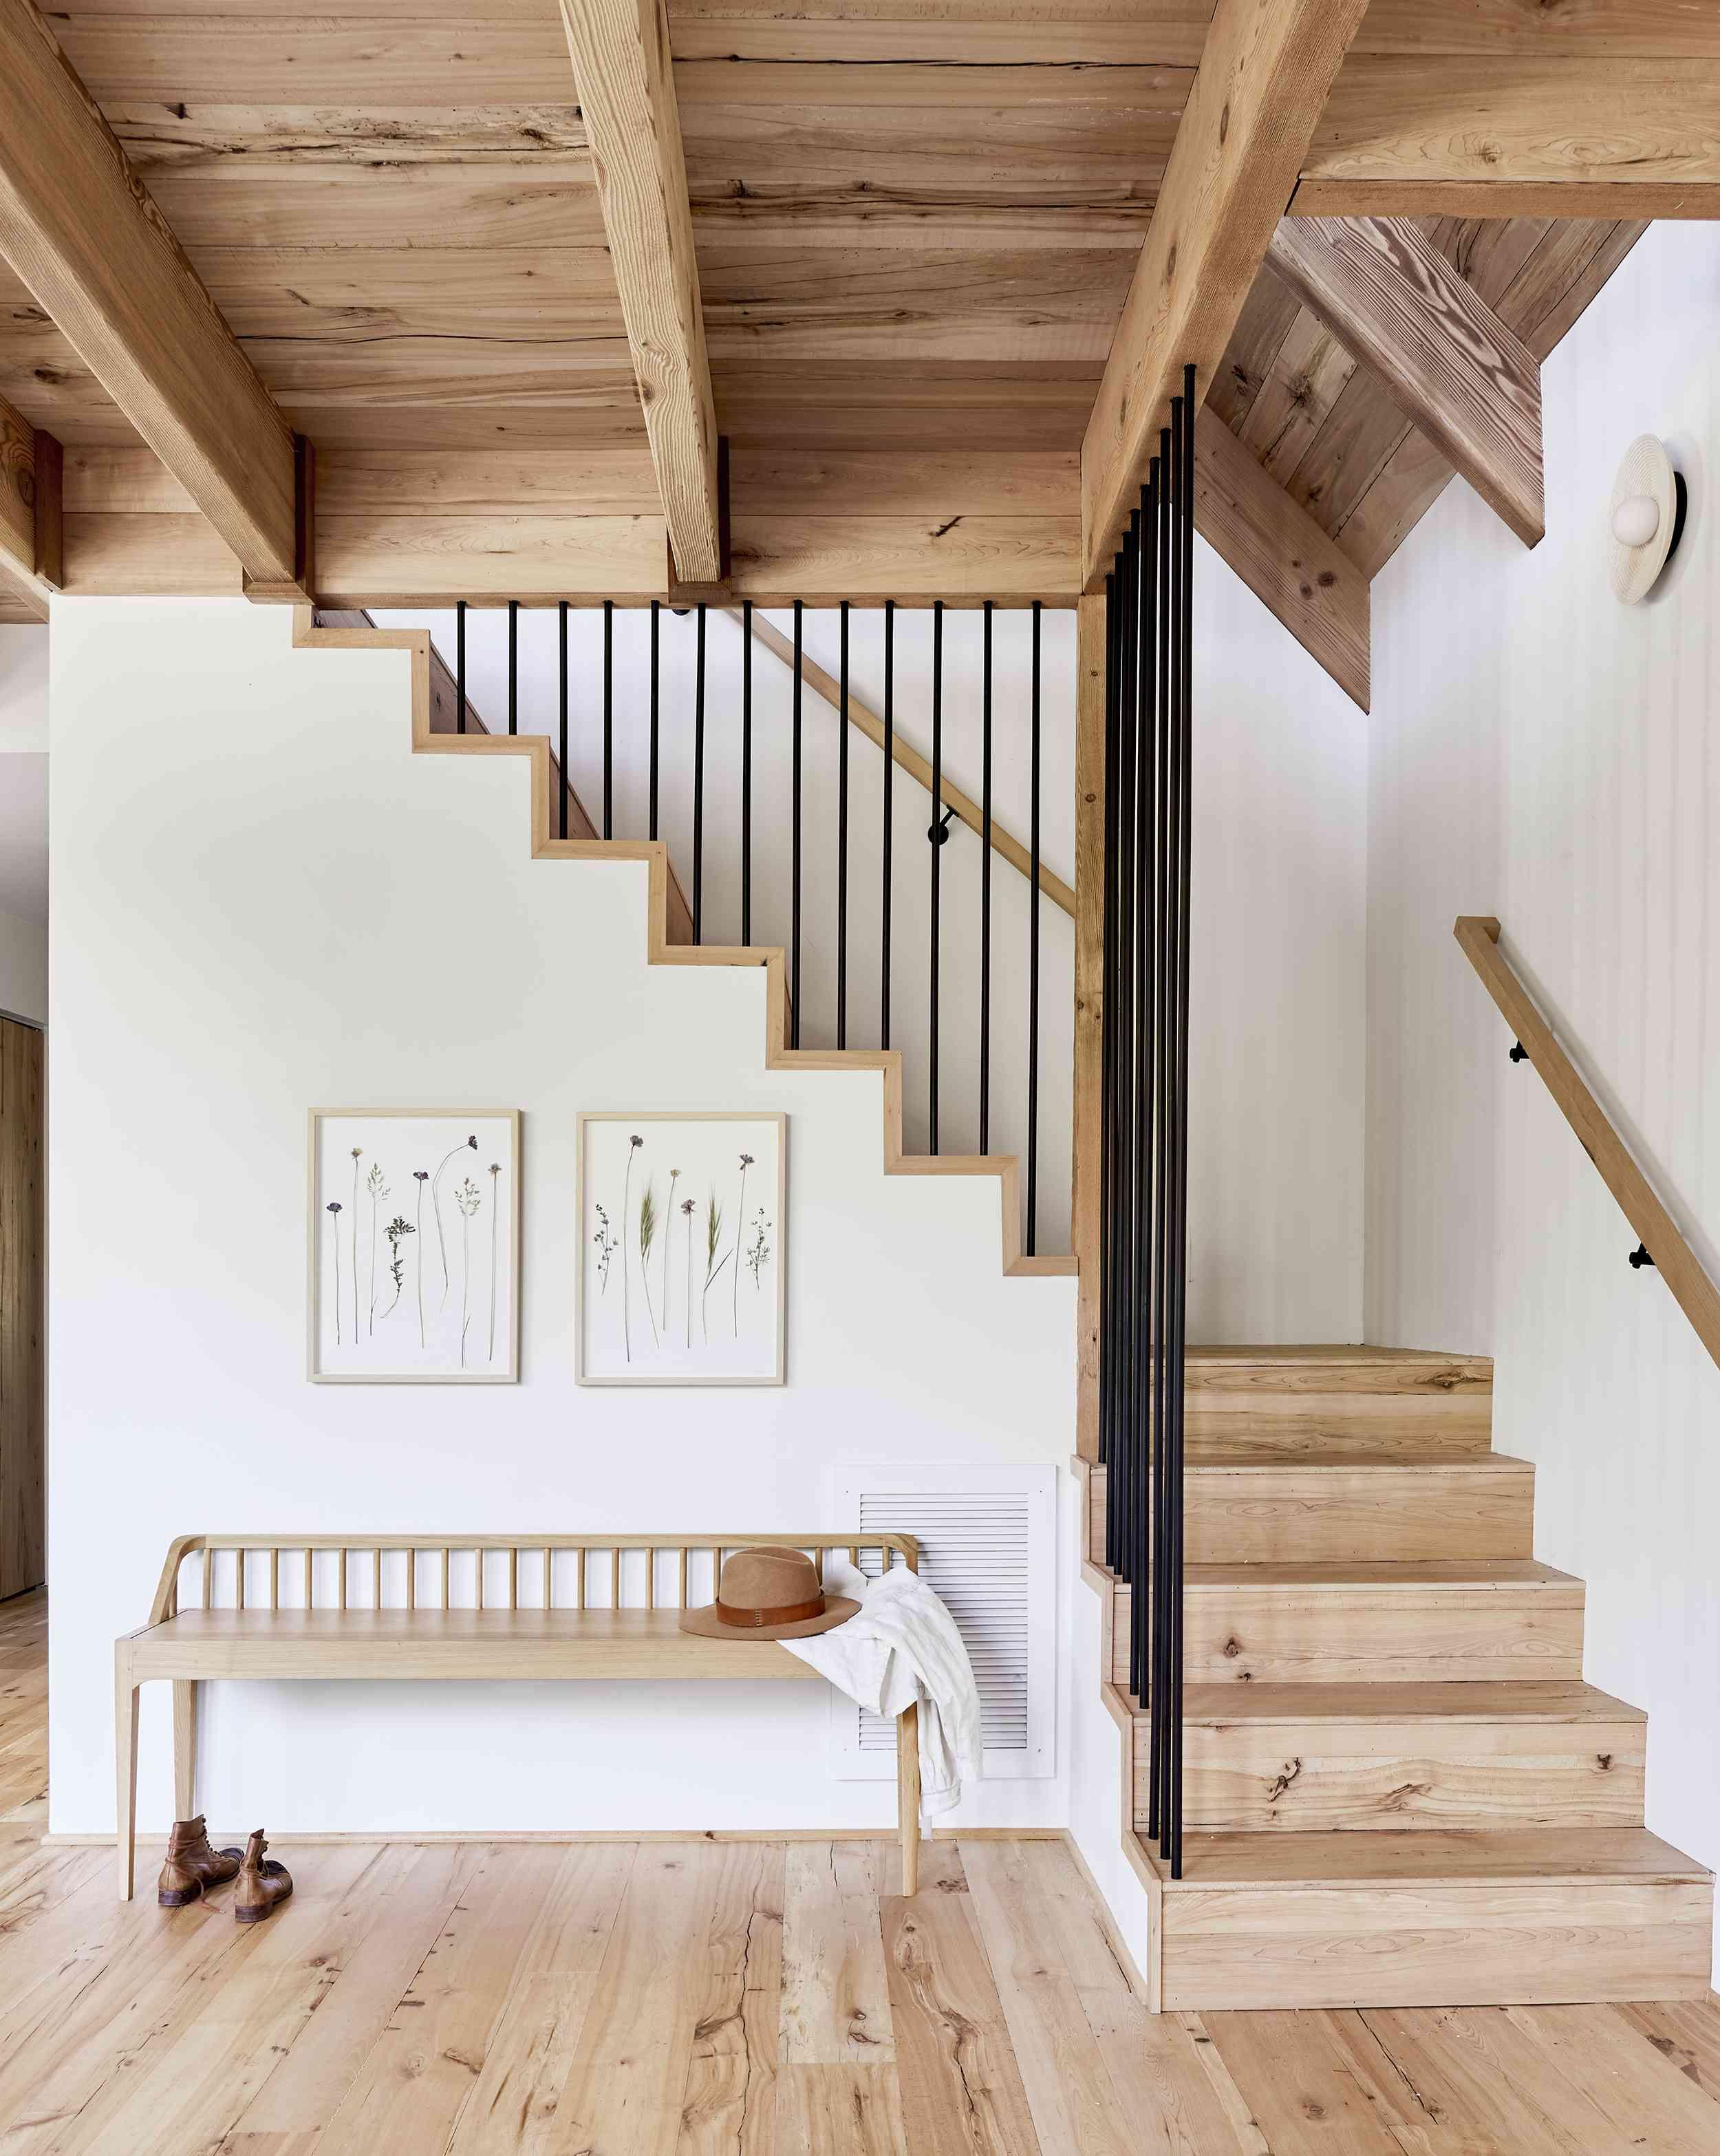 Simple, rustic stairway